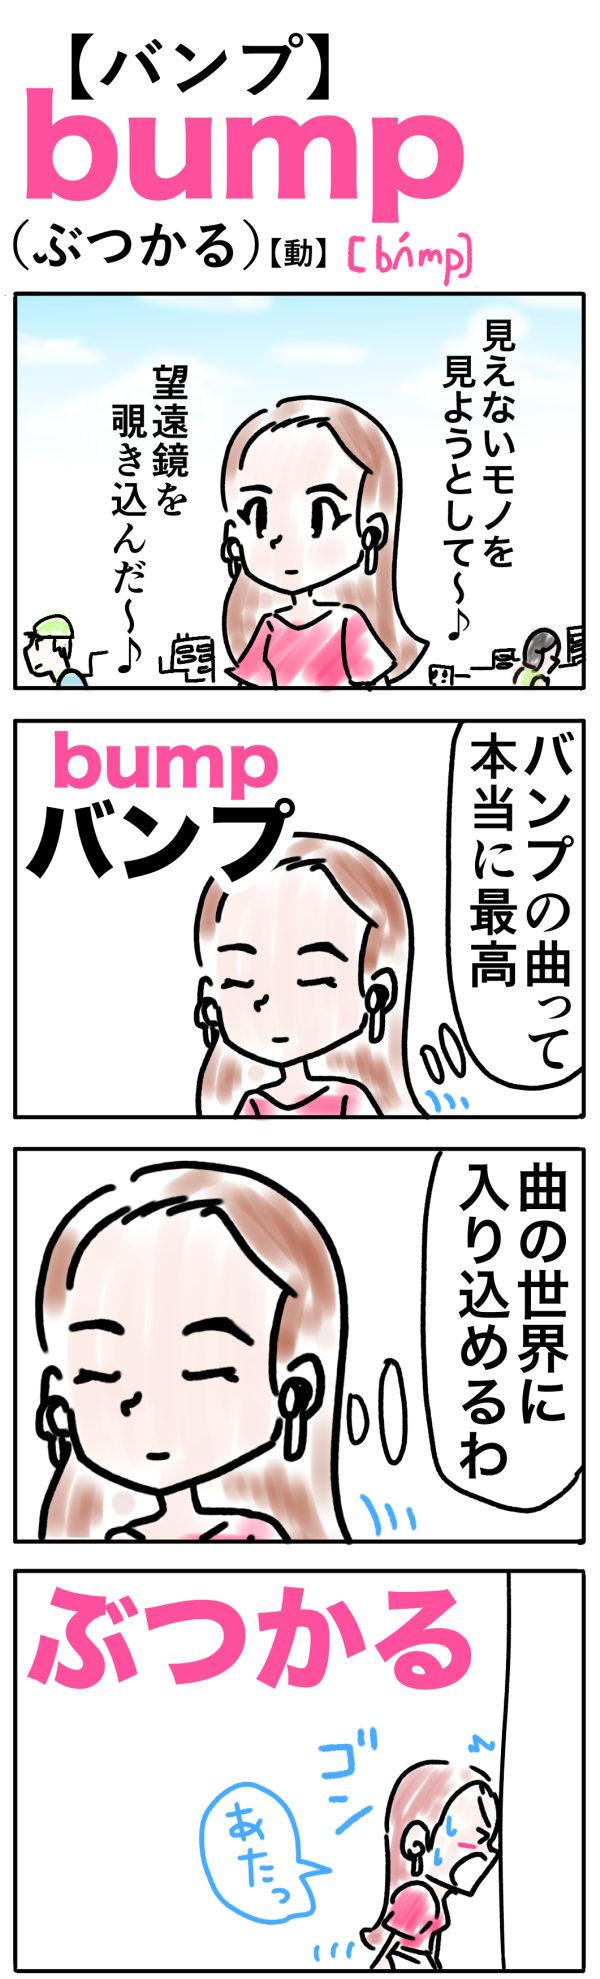 bump(ぶつかる)の語呂合わせ英単語